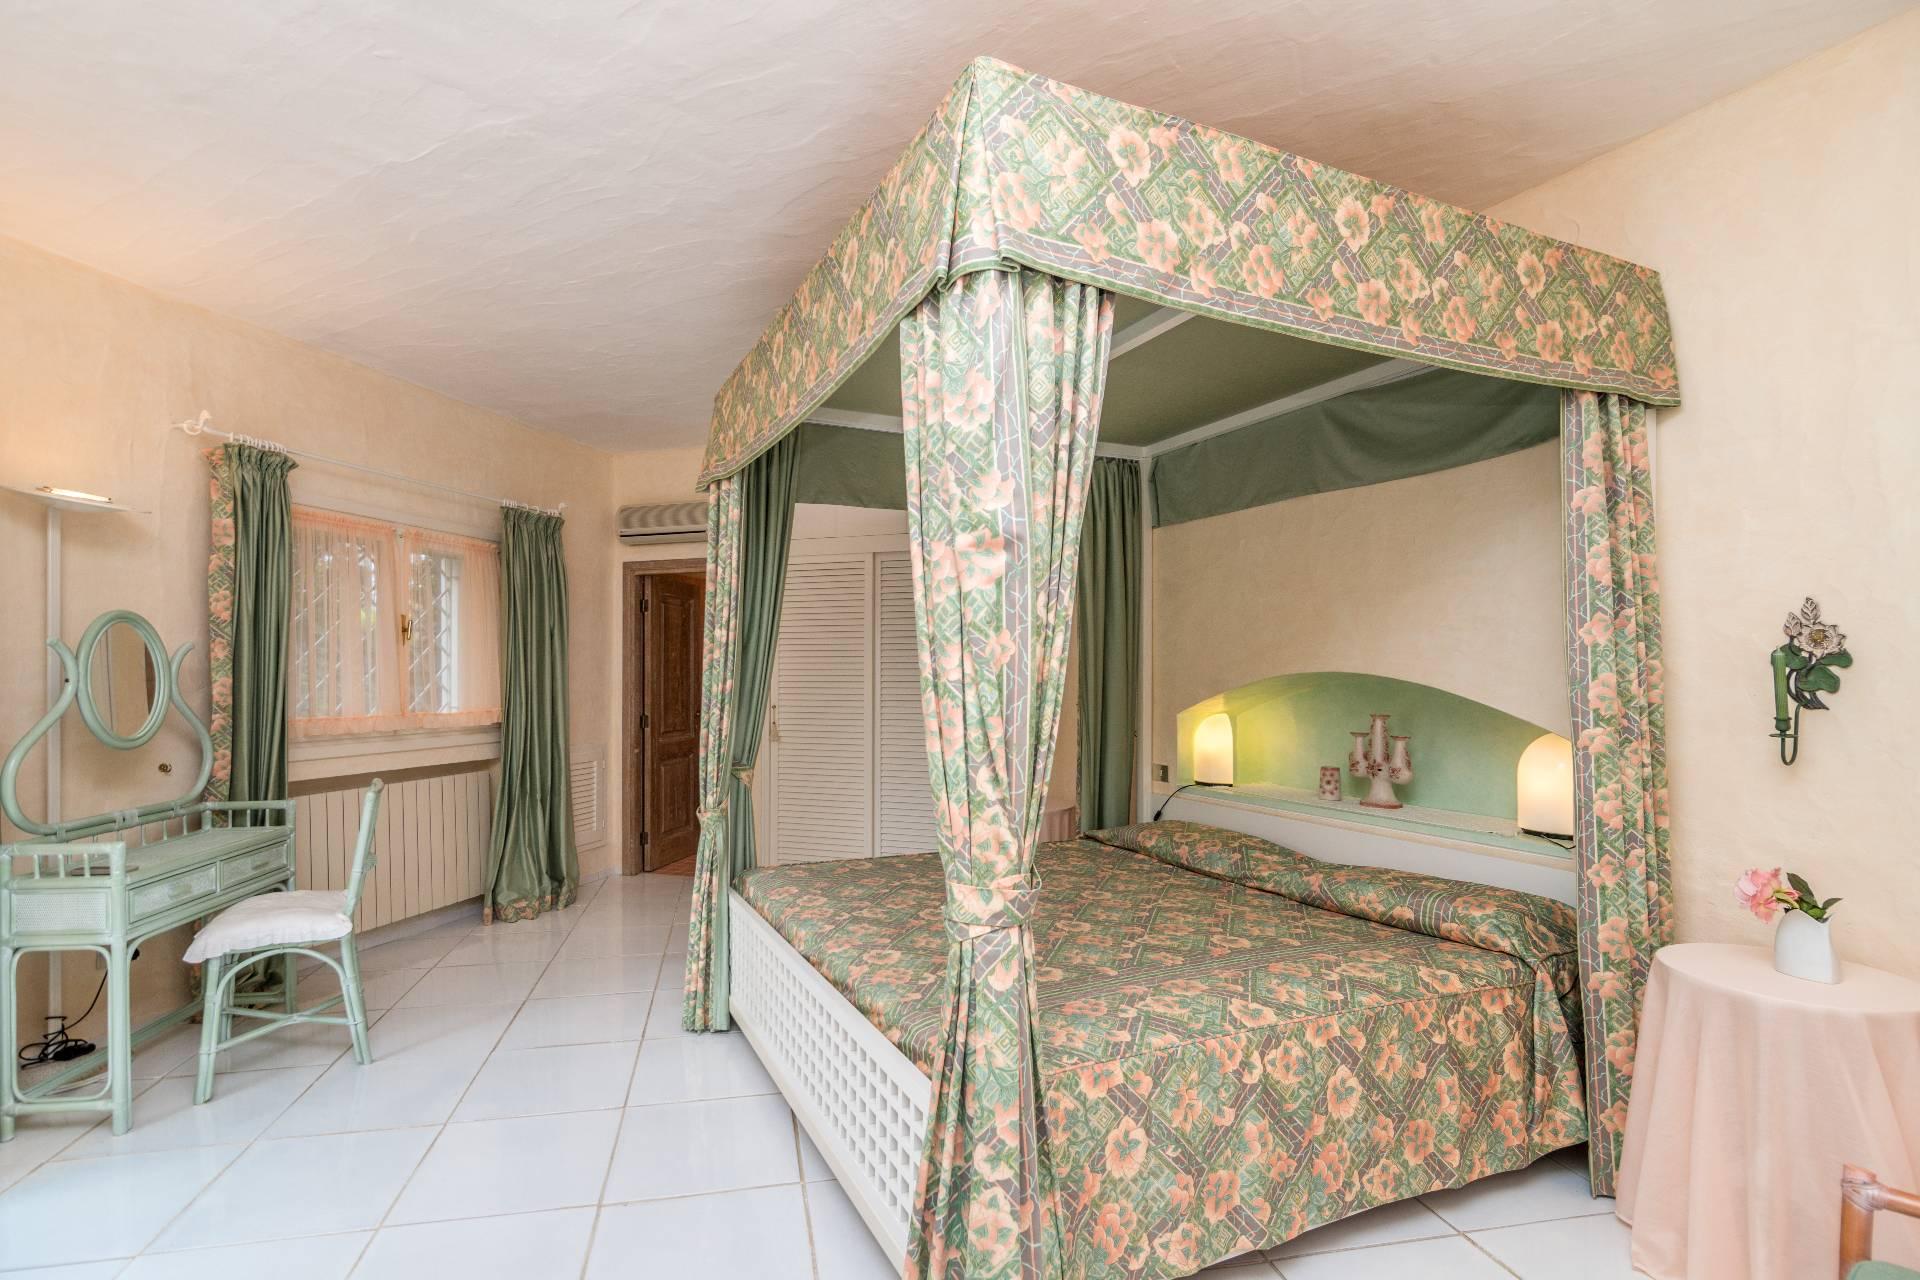 Villa in Vendita a Arzachena: 5 locali, 300 mq - Foto 9